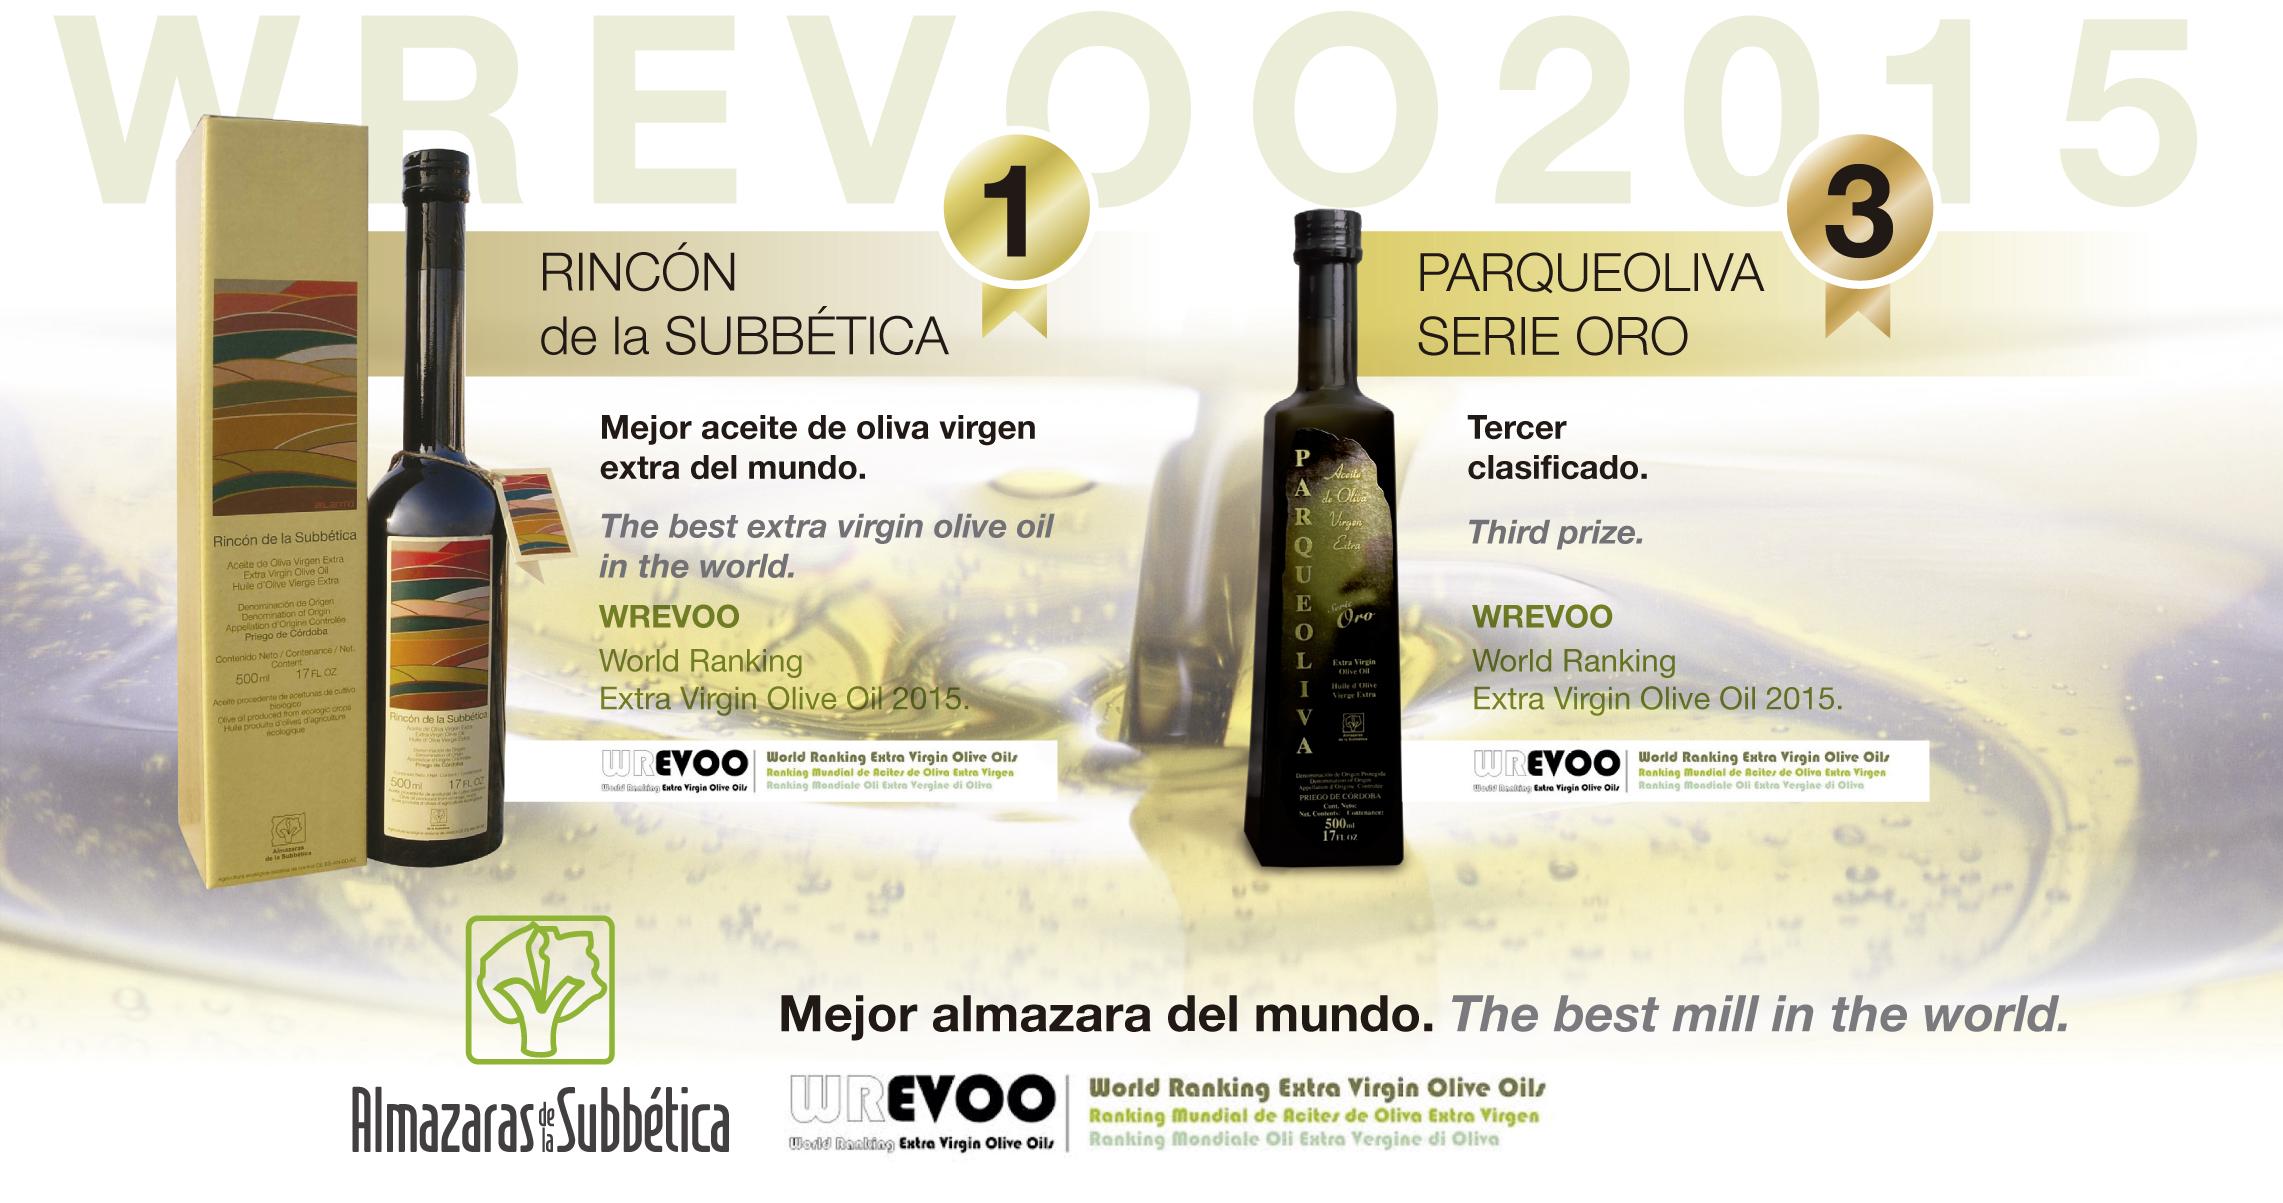 Aceite de oliva virgen extra ecológico parqueoliva bio